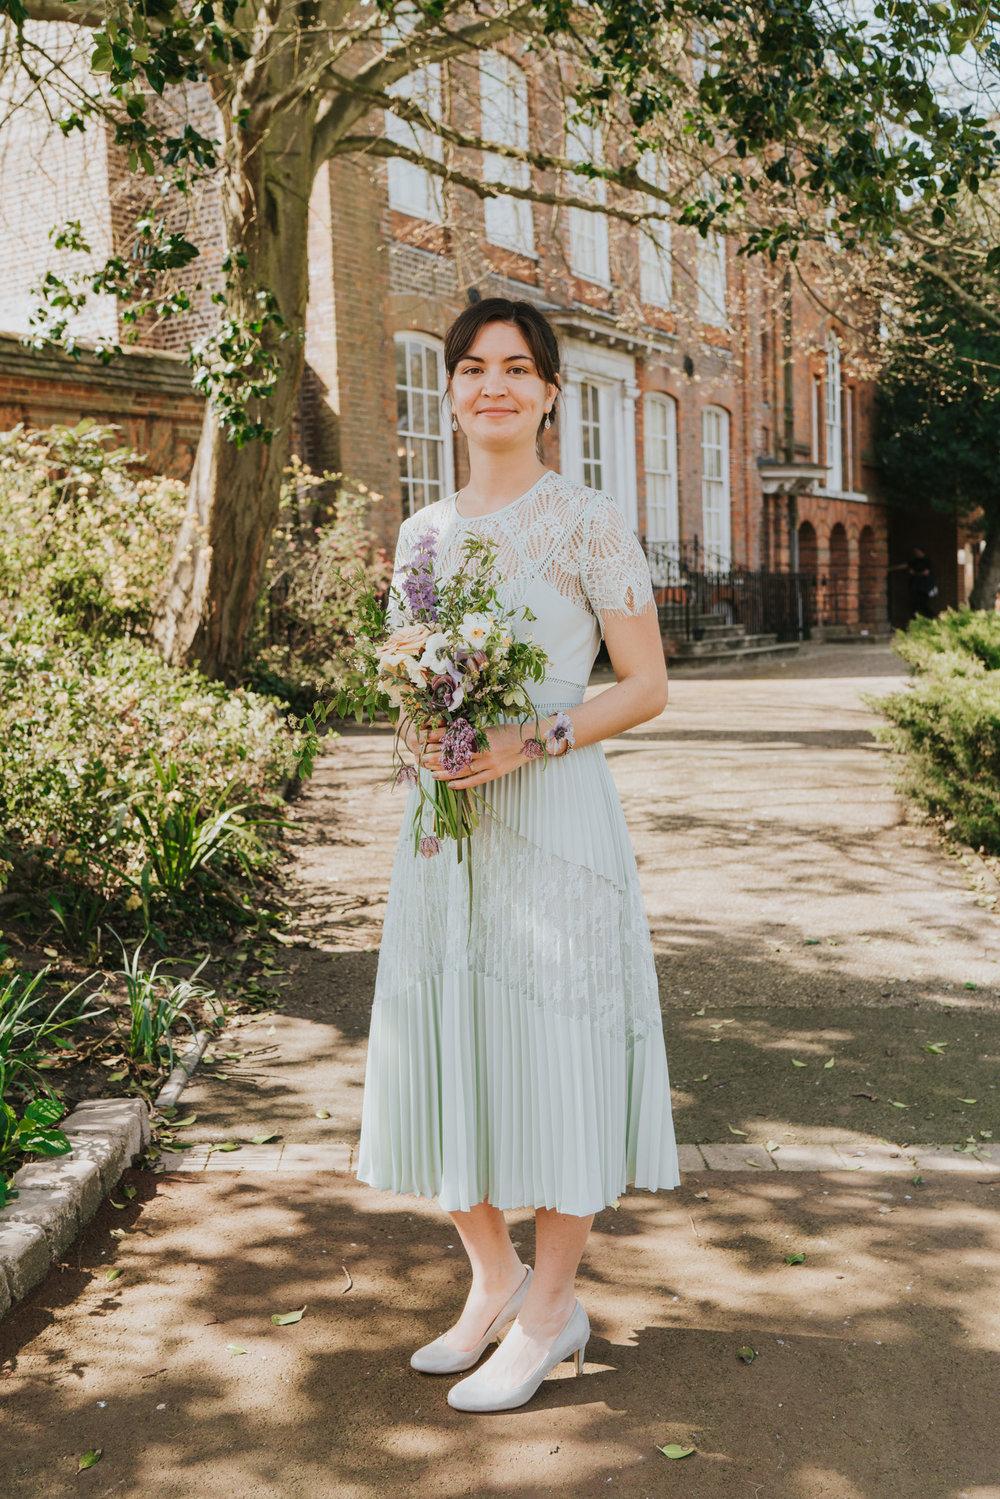 Will-Rhiannon-Art-Deco-Alterative-Essex-Wedding-Suffolk-Grace-Elizabeth-54.jpg